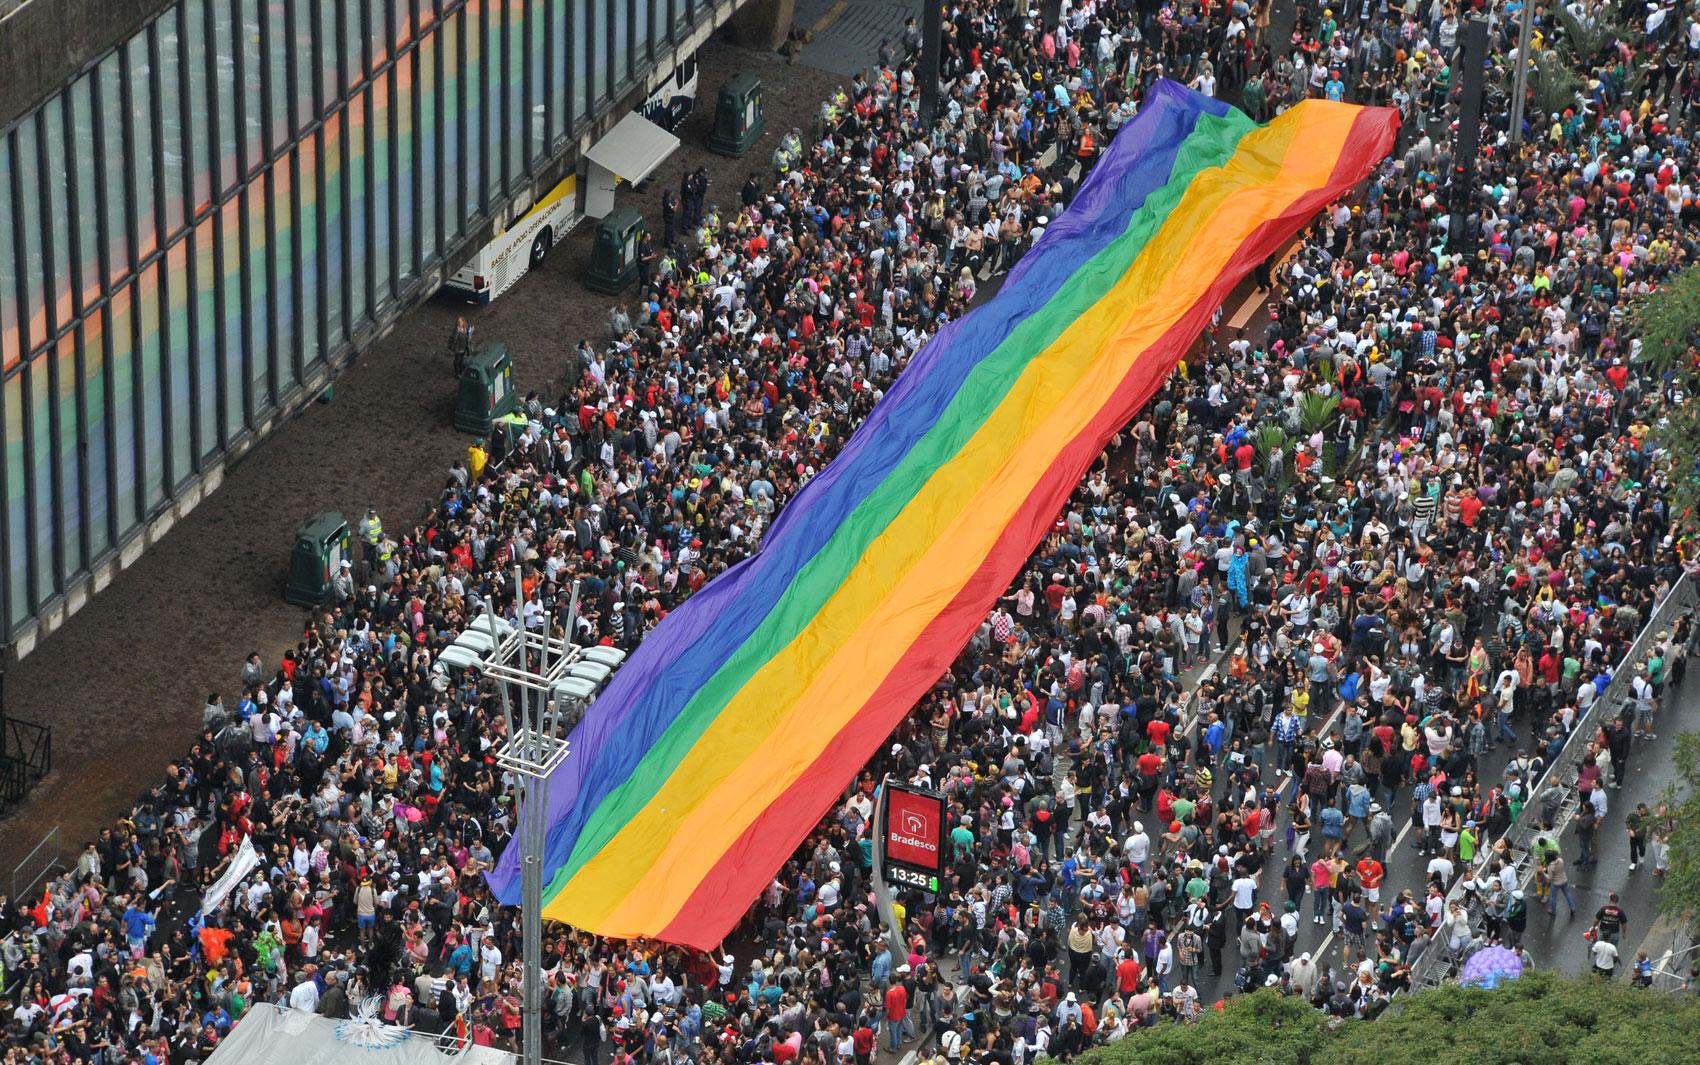 Bandeira com as cores do orgulho gay é estendida pelo público durante o desfile na Parada Gay neste domingo (2)